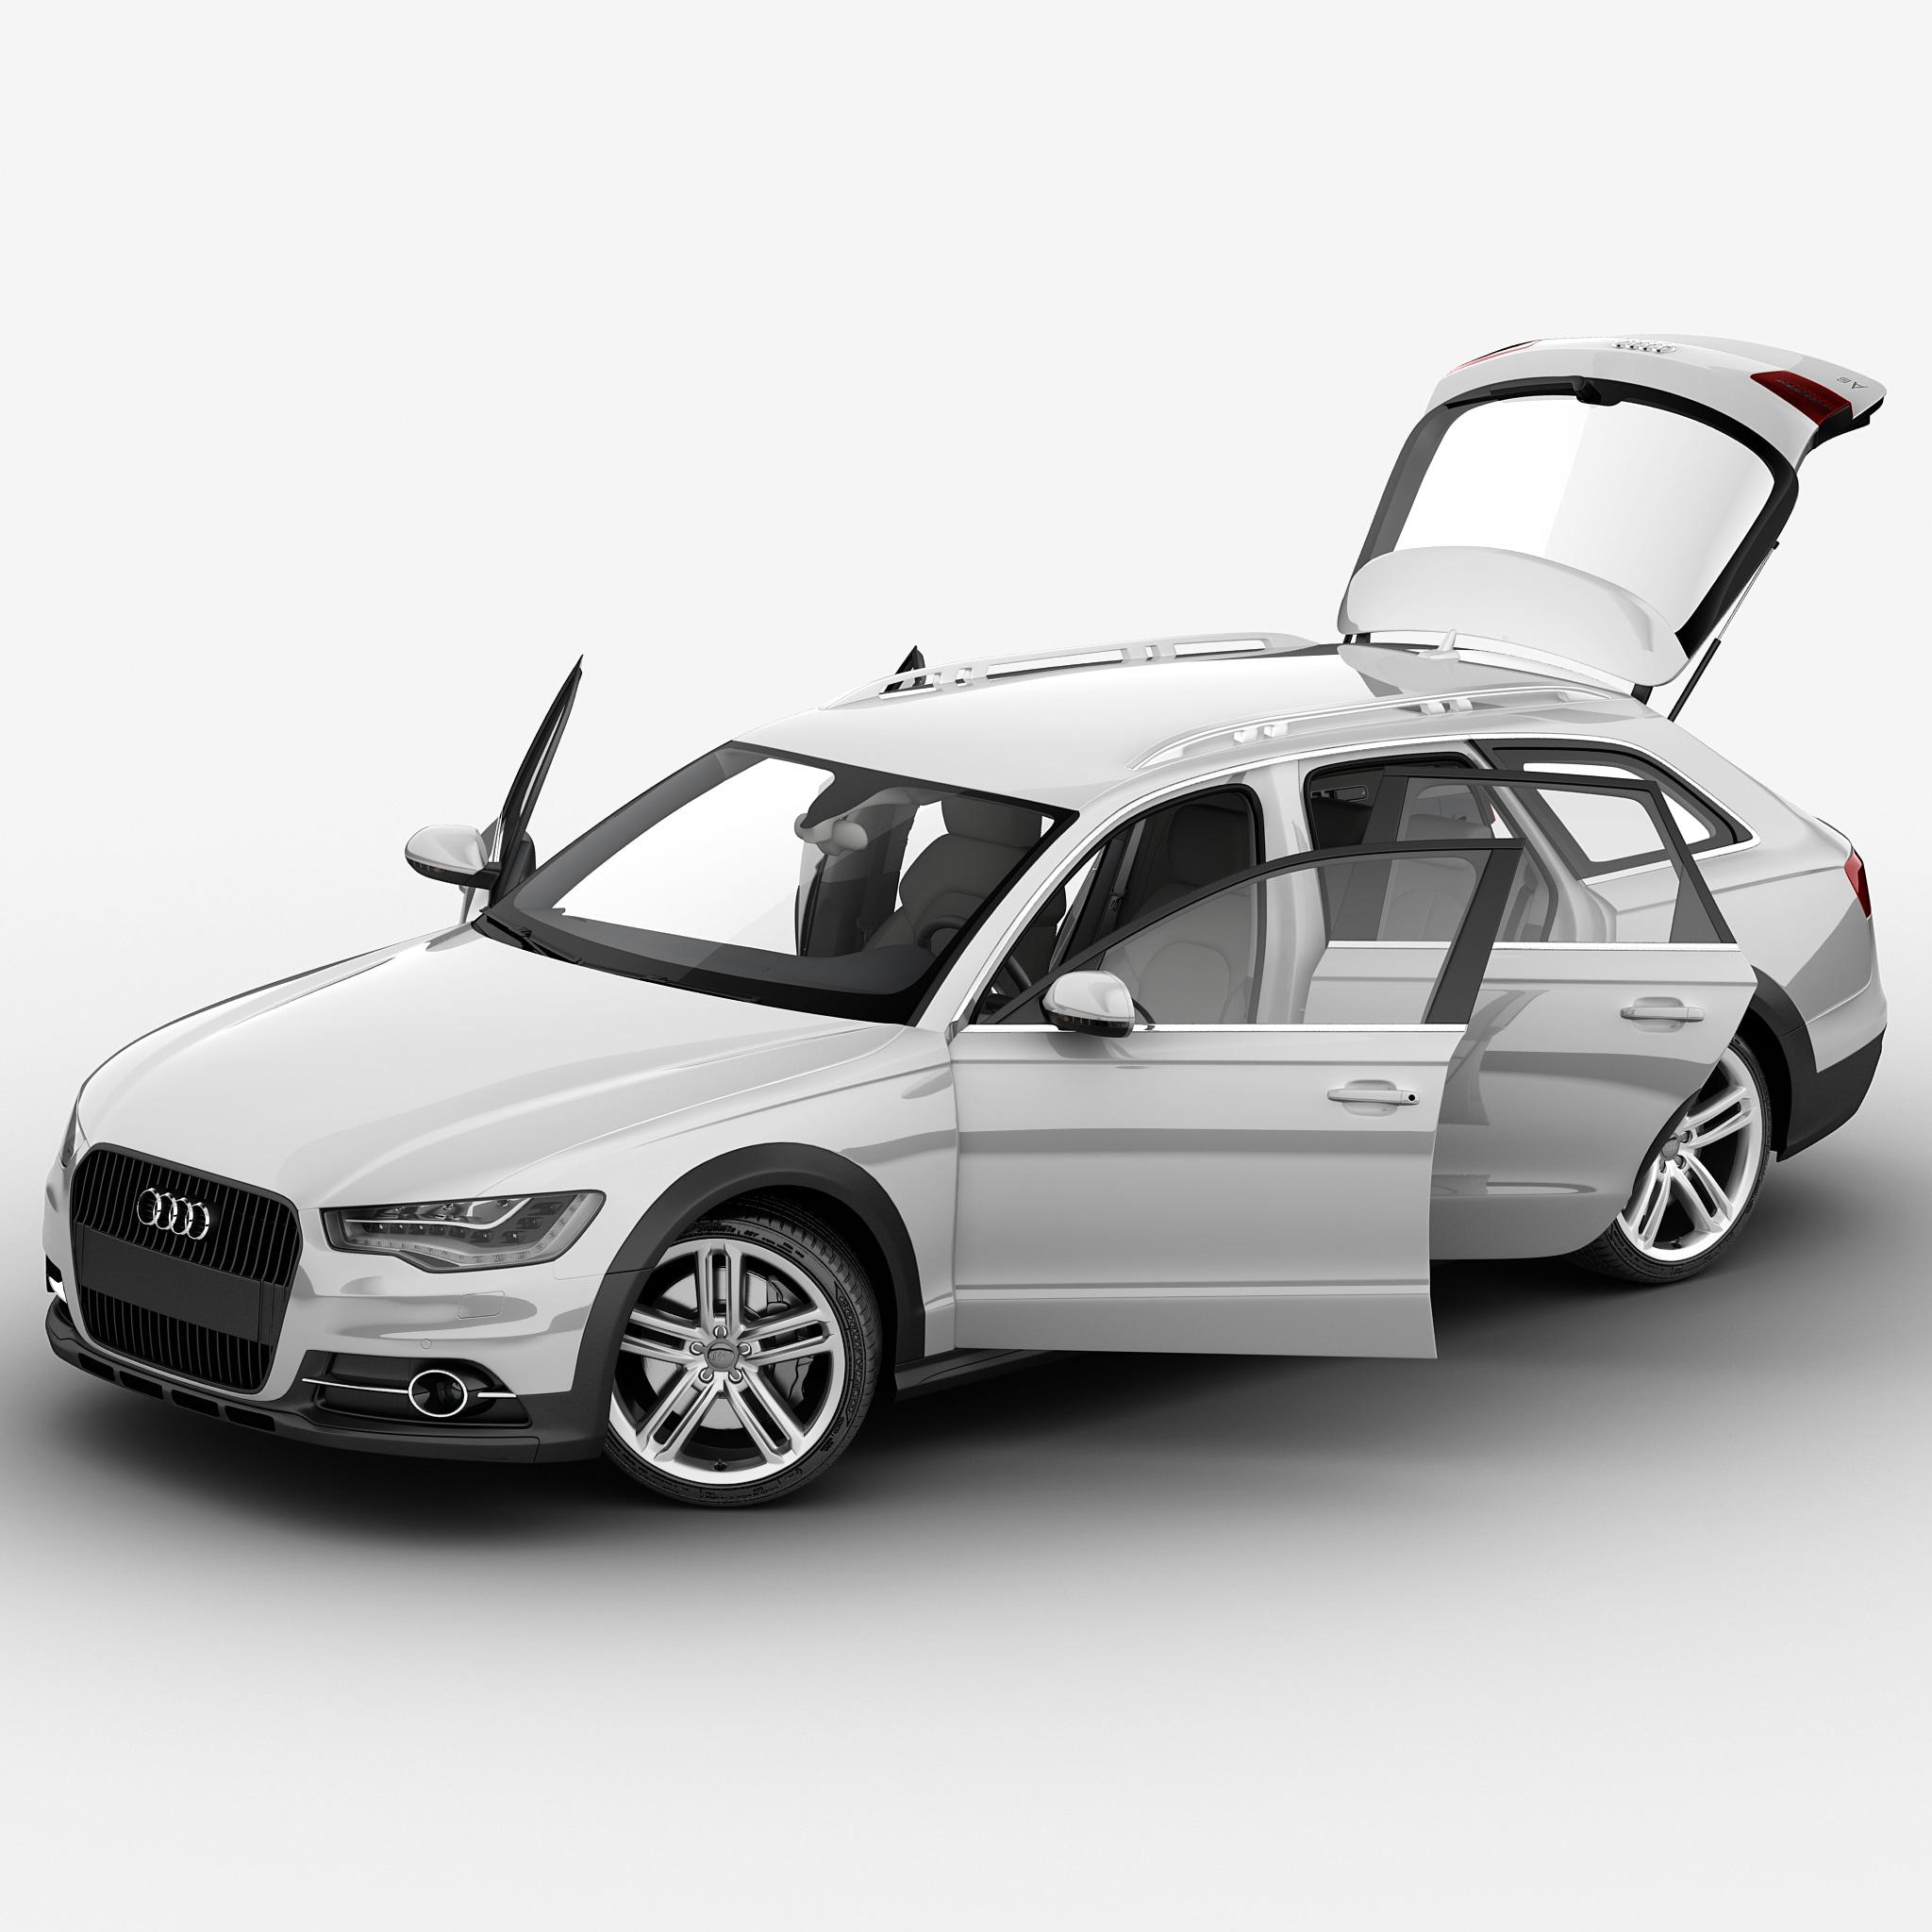 Audi A6 2013 Rigged Car 3d Max